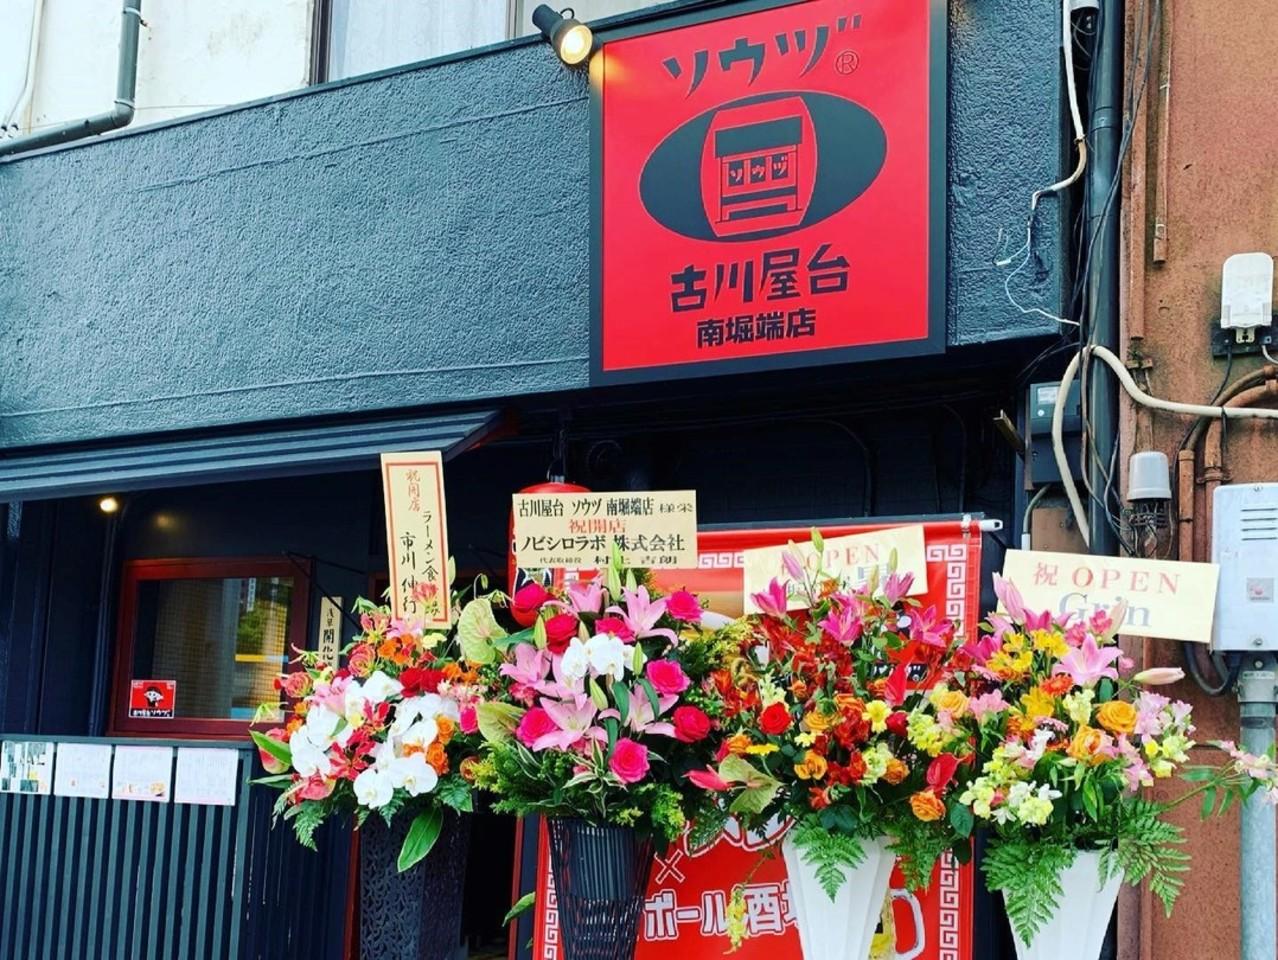 愛媛県松山市南堀端町に「古川屋台ソウヅ南堀端店」が本日グランドオープンのようです。